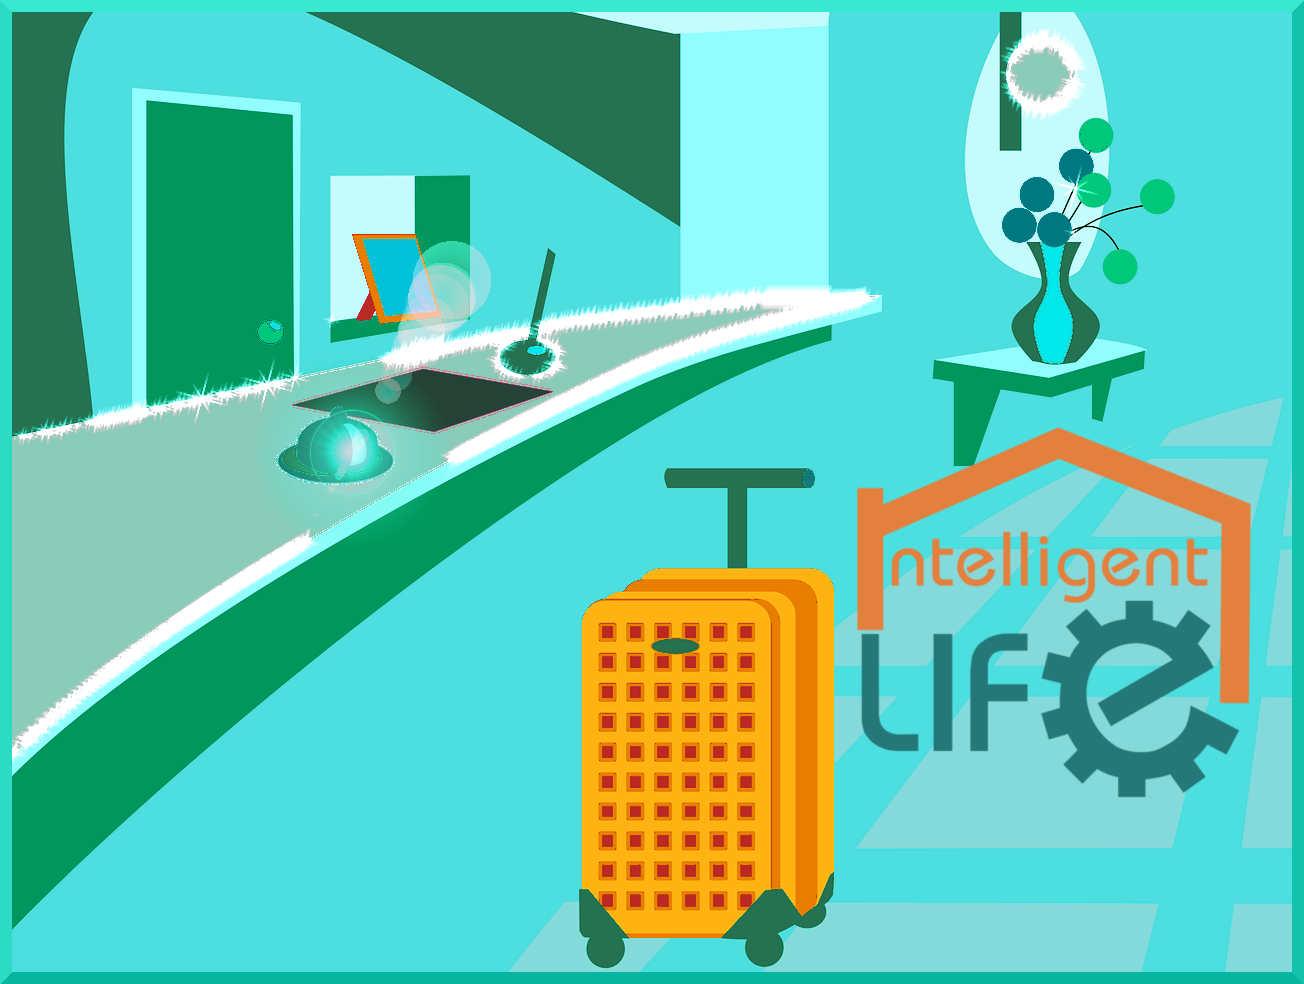 Motor de reservas con demo gratis para Hotel y alojamiento de Intelligent Life